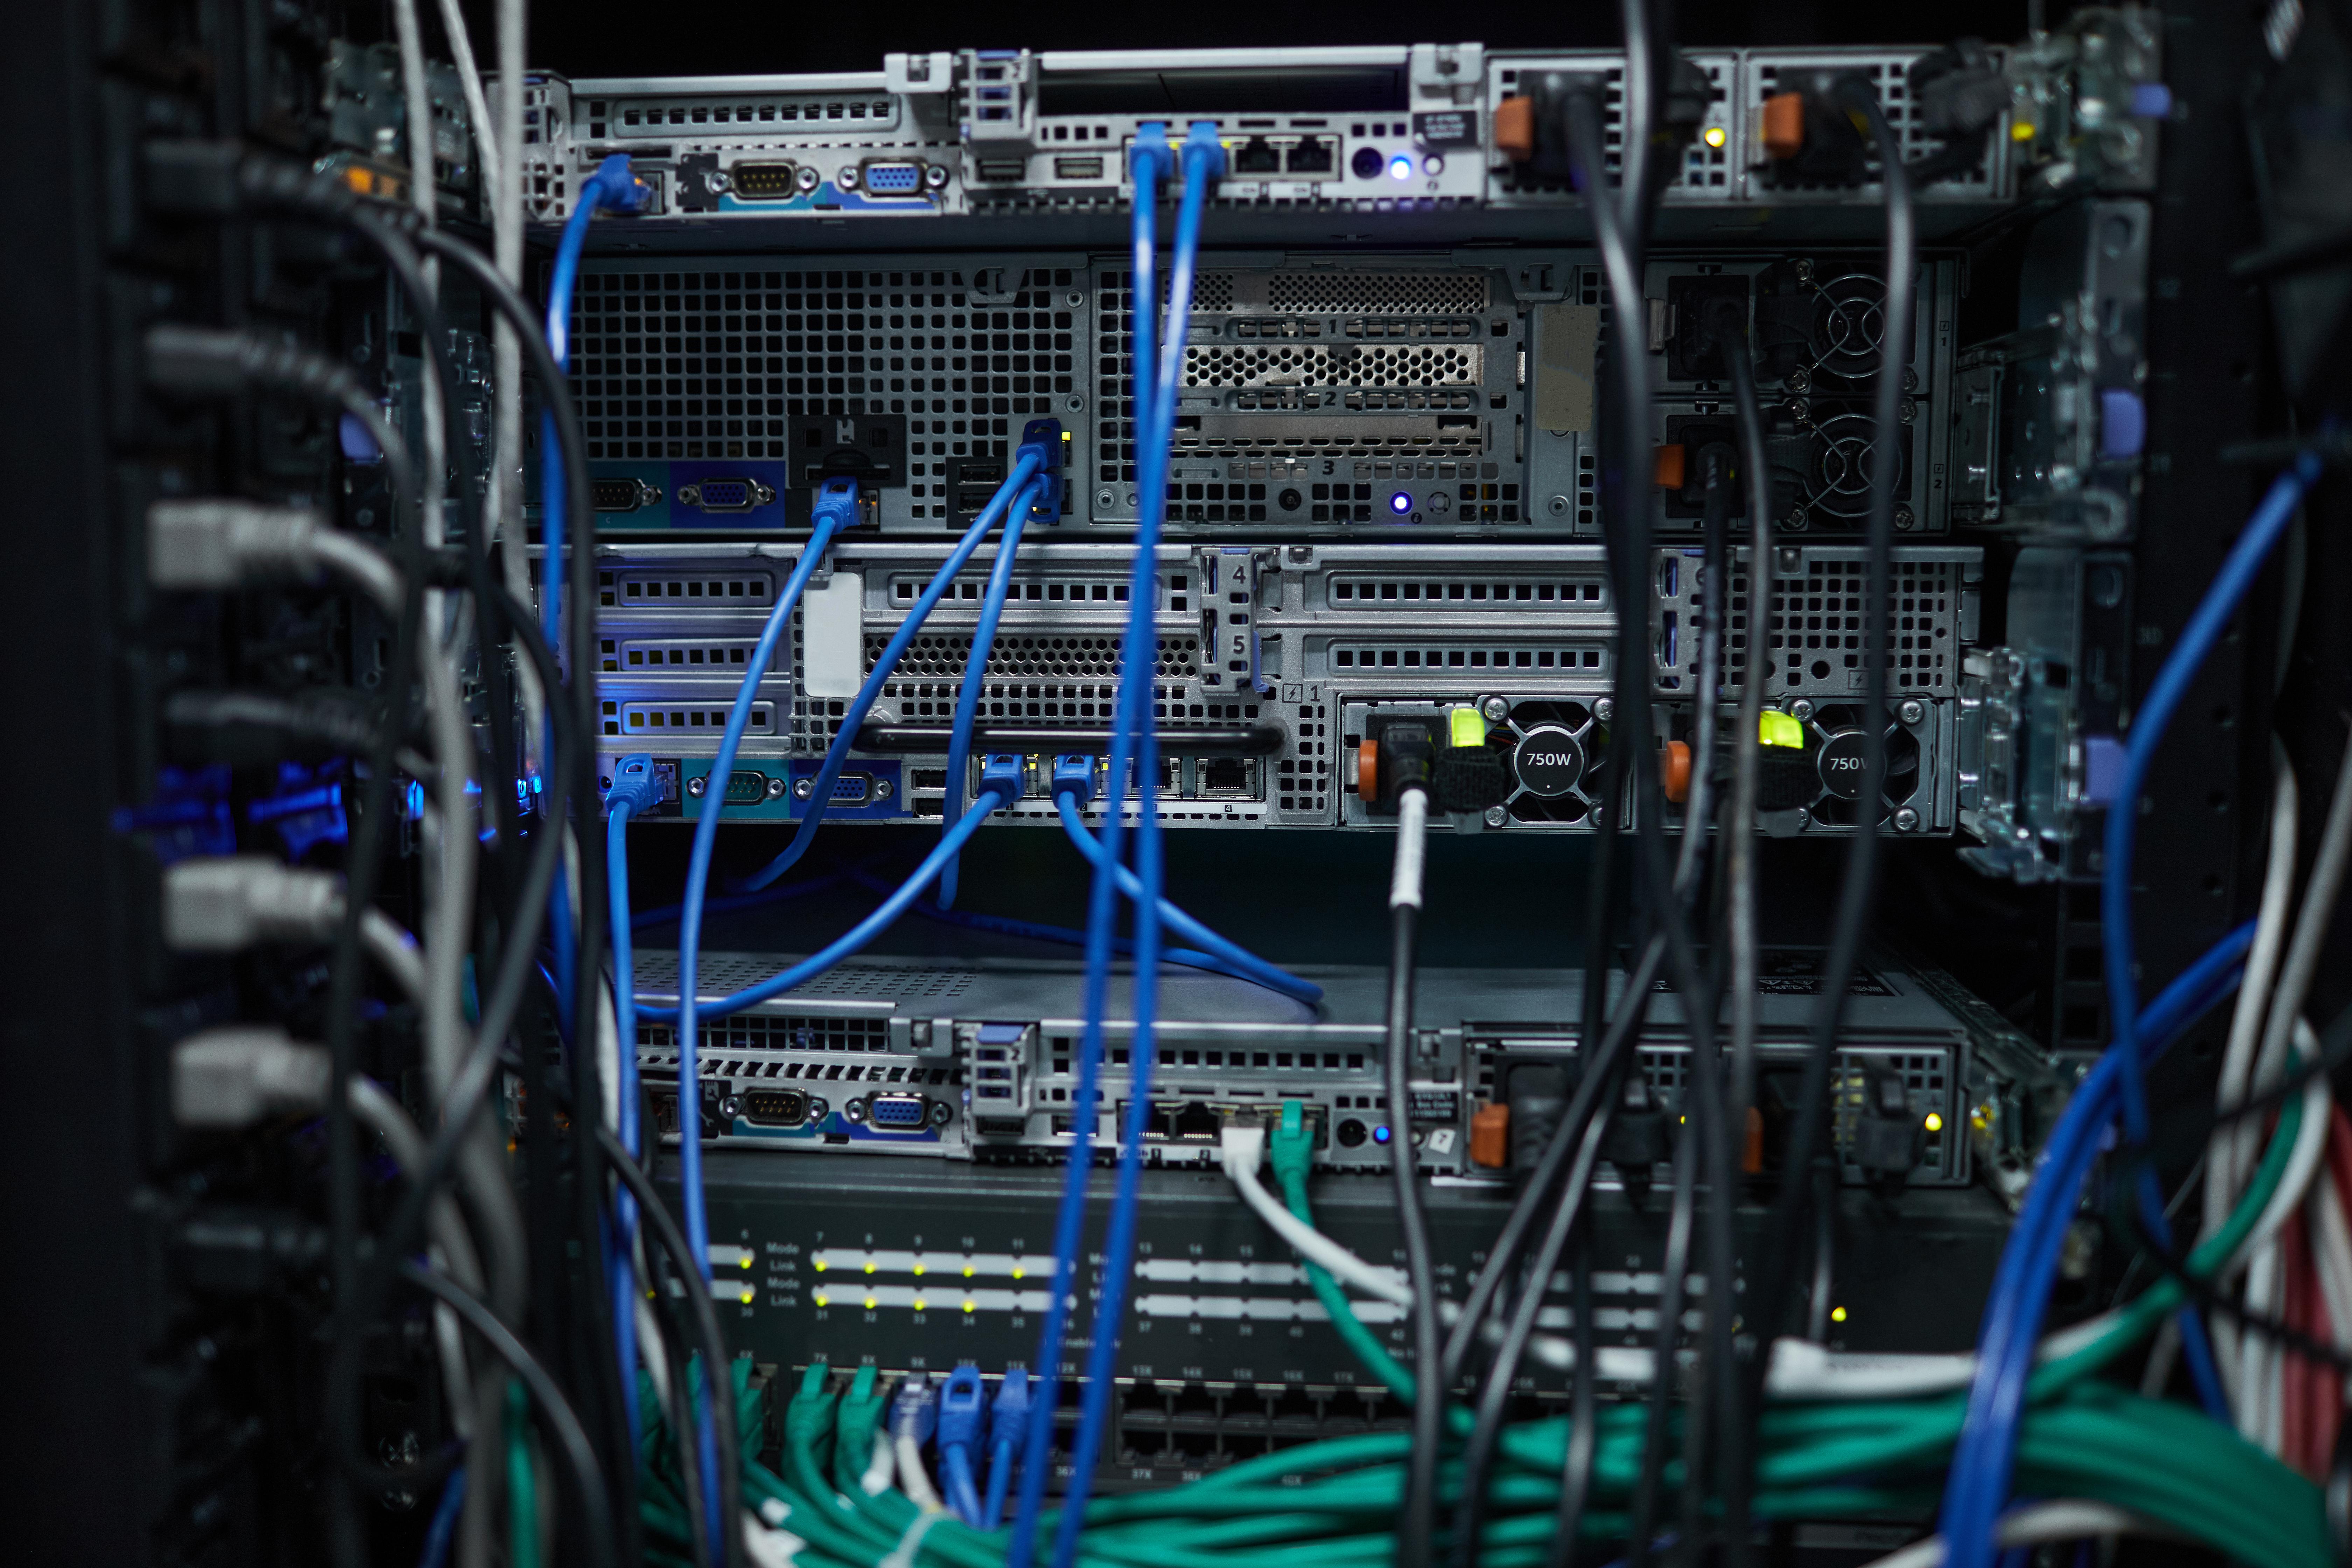 blade server network close up J9AASJG